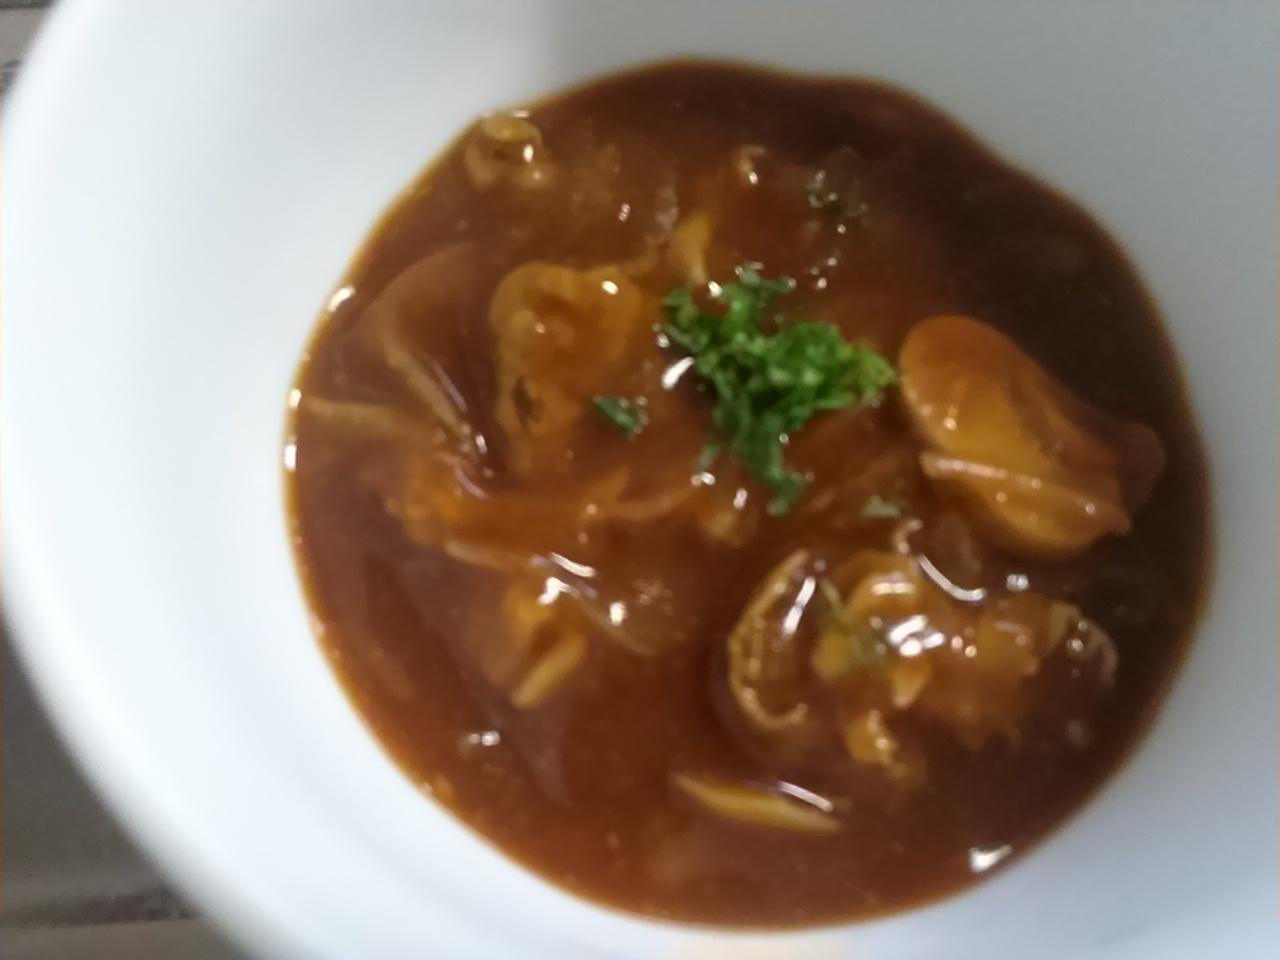 食材宅配コープデリの簡単料理キットそろってGood ハッシュドビーフをお試ししてみたよ